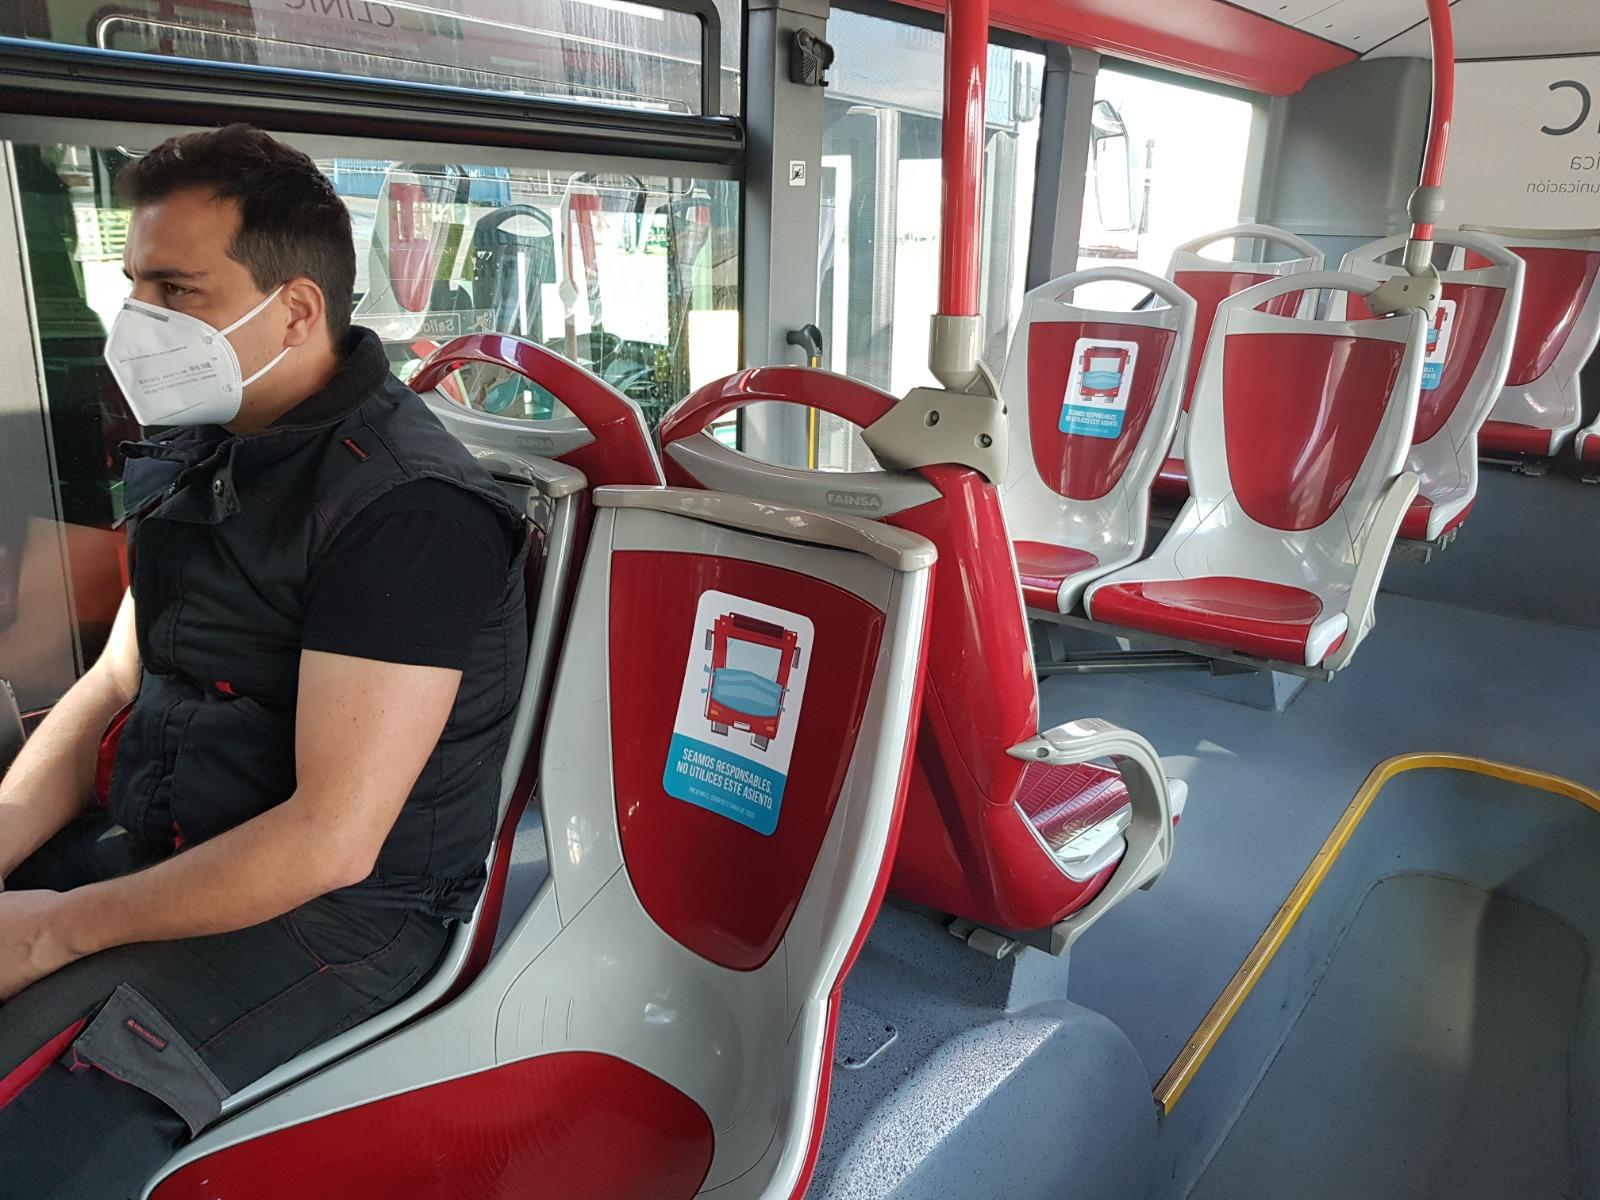 Autobuses de Rober incorpora medidas adicionales para garantizar la seguridad de los usuarios